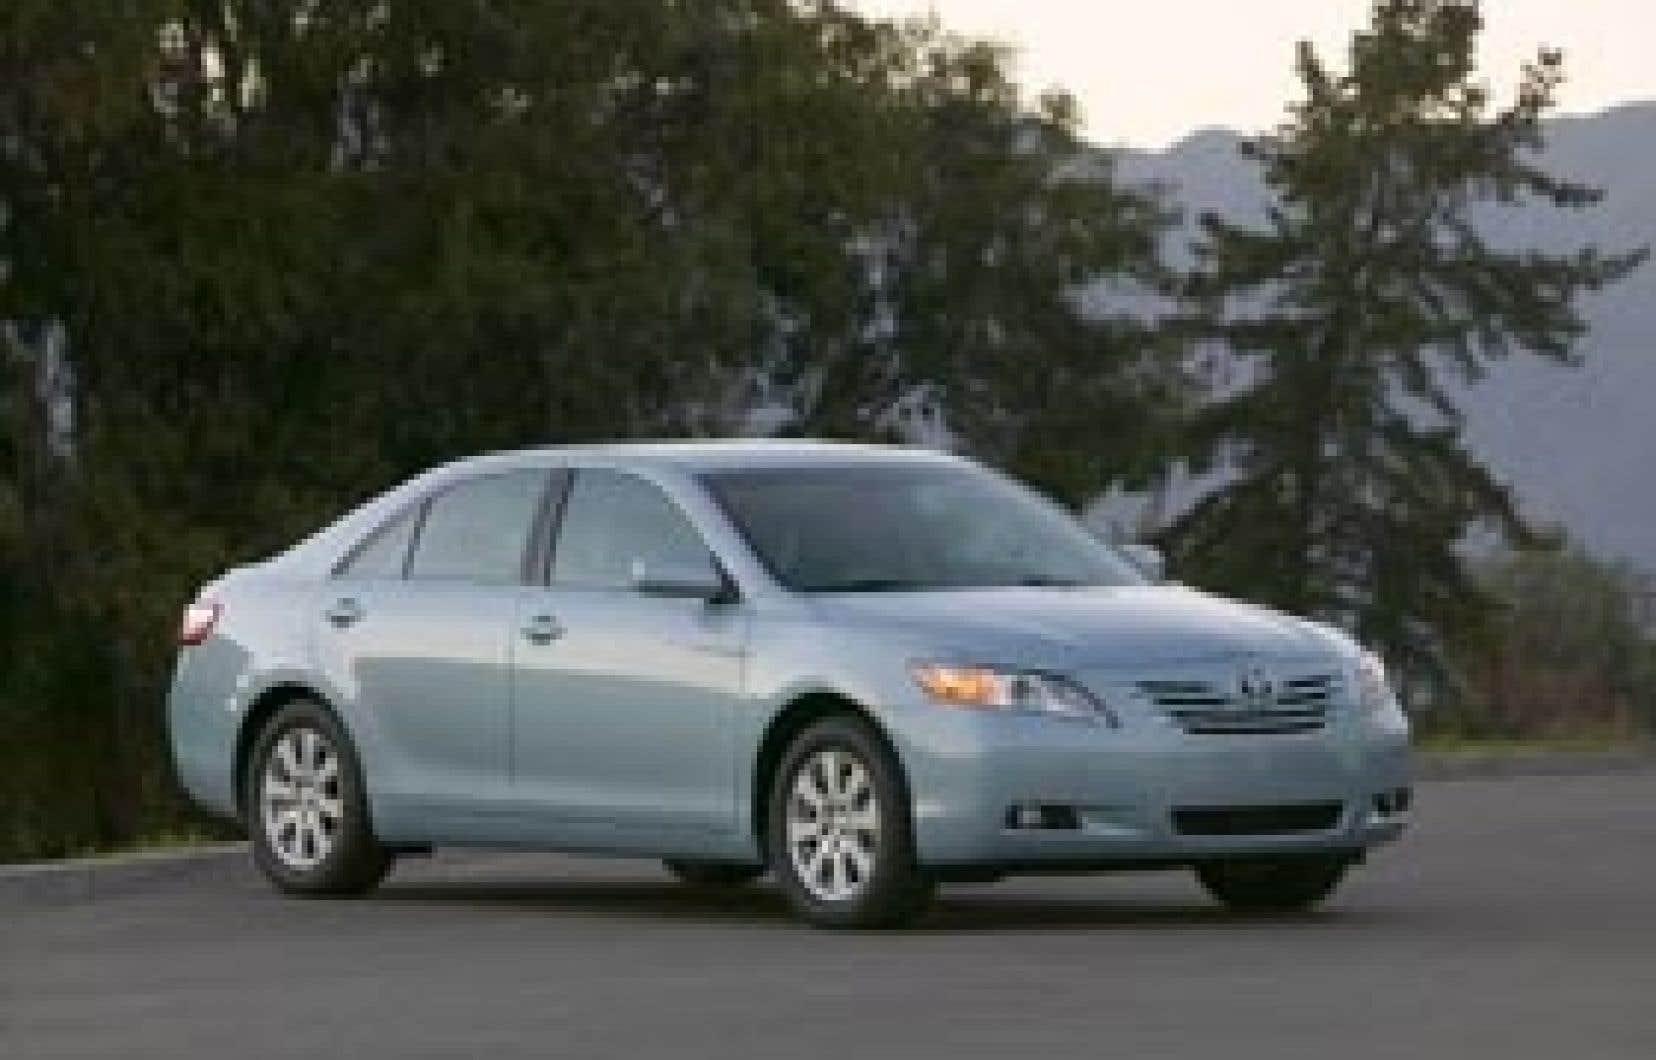 Année après année, la Toyota Camry récolte les mentions d'honneur en raison de sa fiabilité exceptionnelle et se maintient dans le peloton de tête au chapitre des ventes.